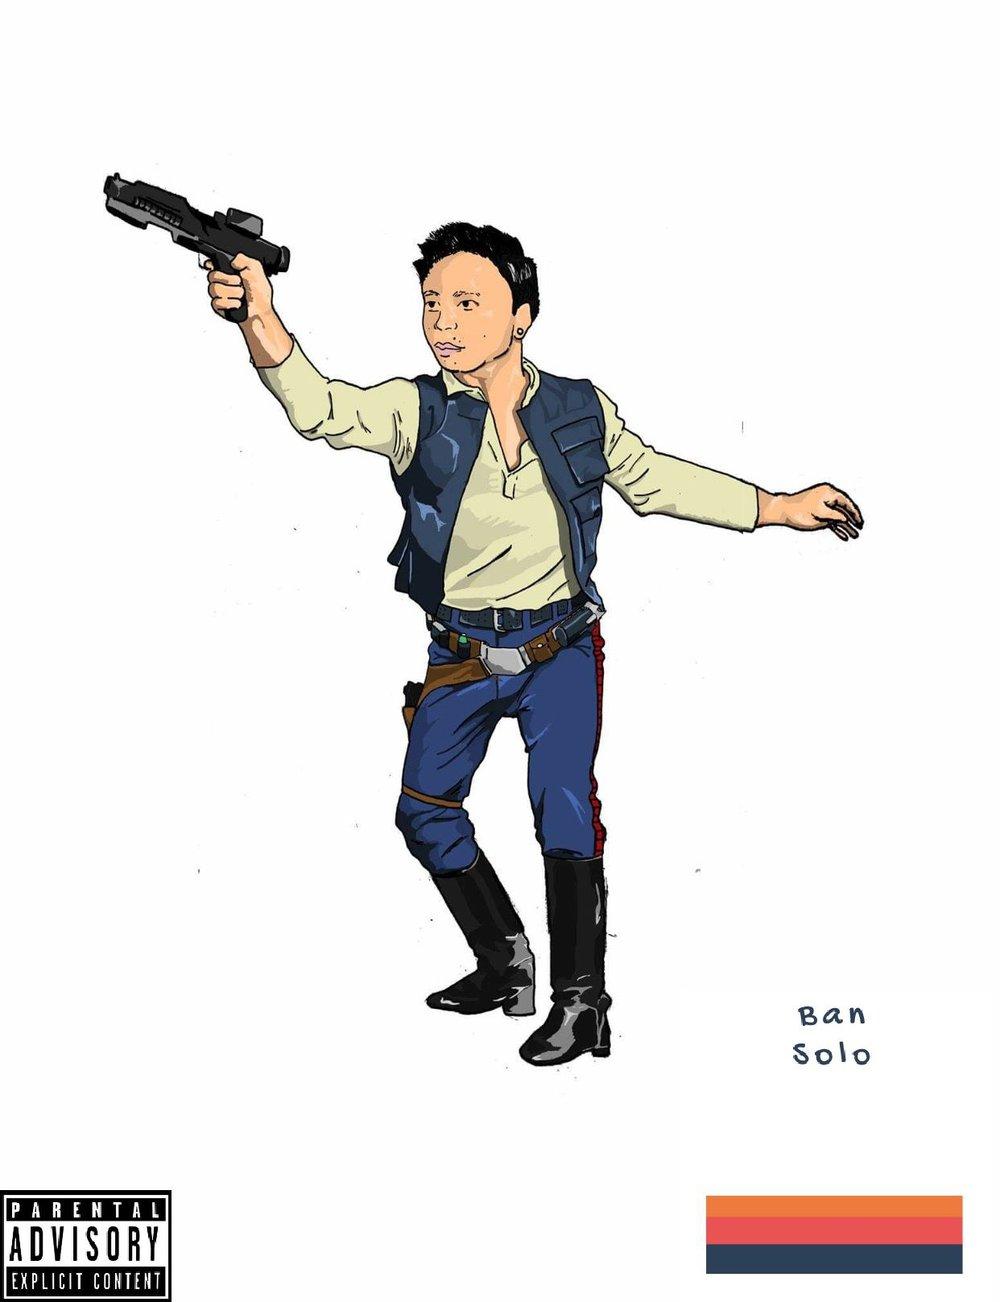 Esteban Solo